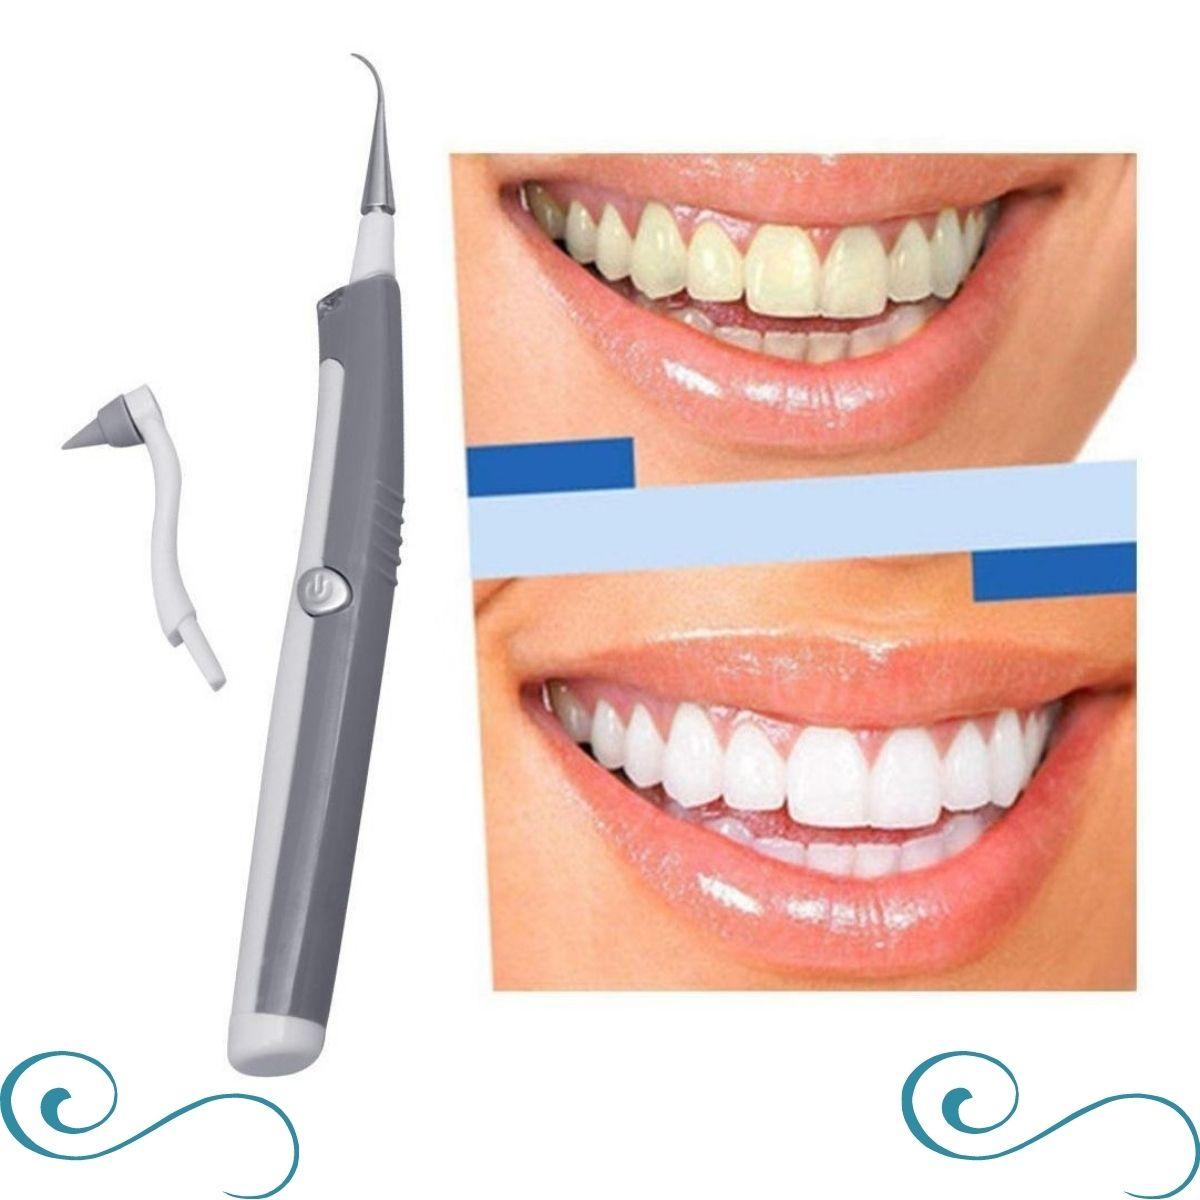 Aparelho Para Limpeza Dental Removedor De Tártaro E Placa Bacteriana- COPY-003653-2